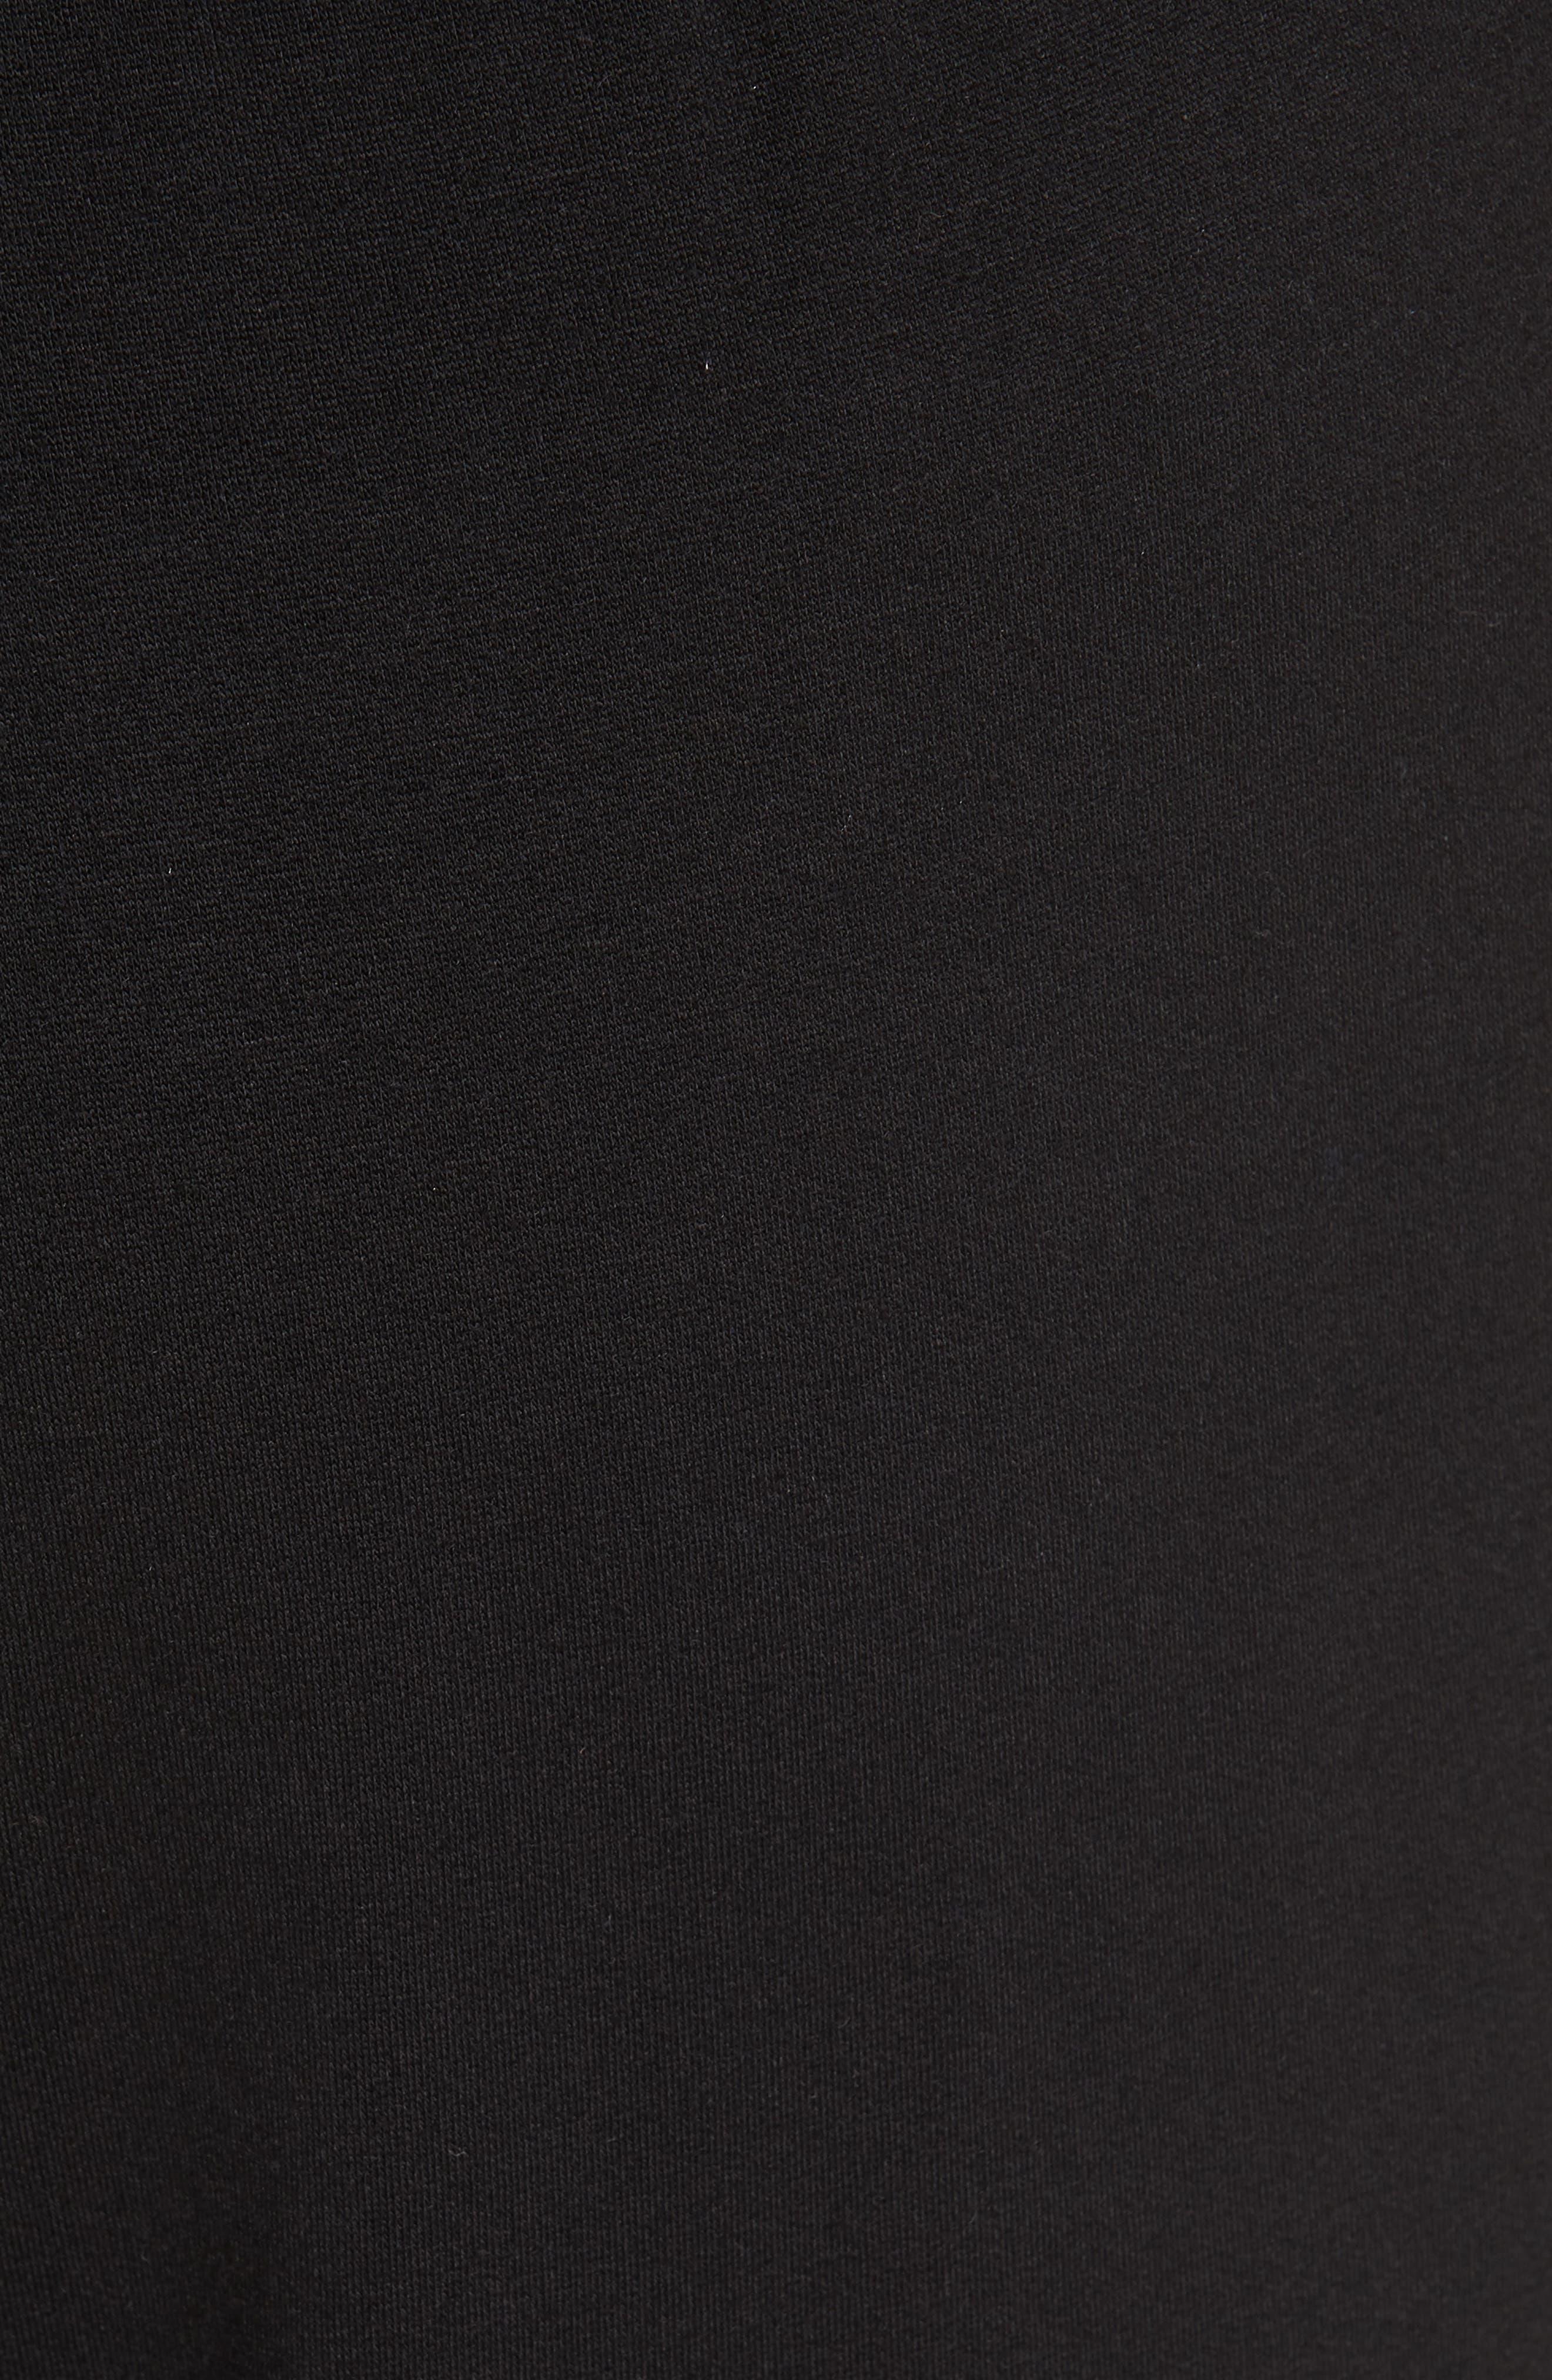 Jogger Pants,                             Alternate thumbnail 6, color,                             BLACK